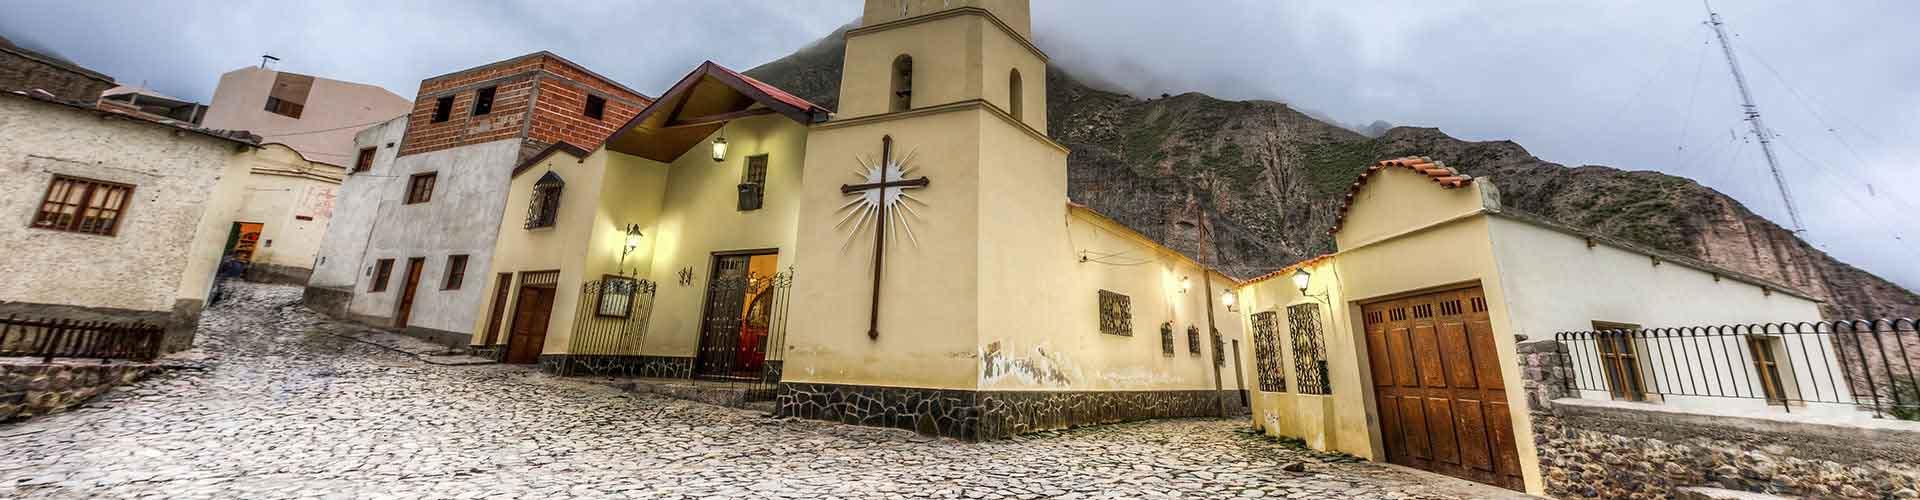 Salta - Jugendherbergen in Salta. Salta auf der Karte. Fotos und Bewertungen für jede Jugendherberge in Salta.